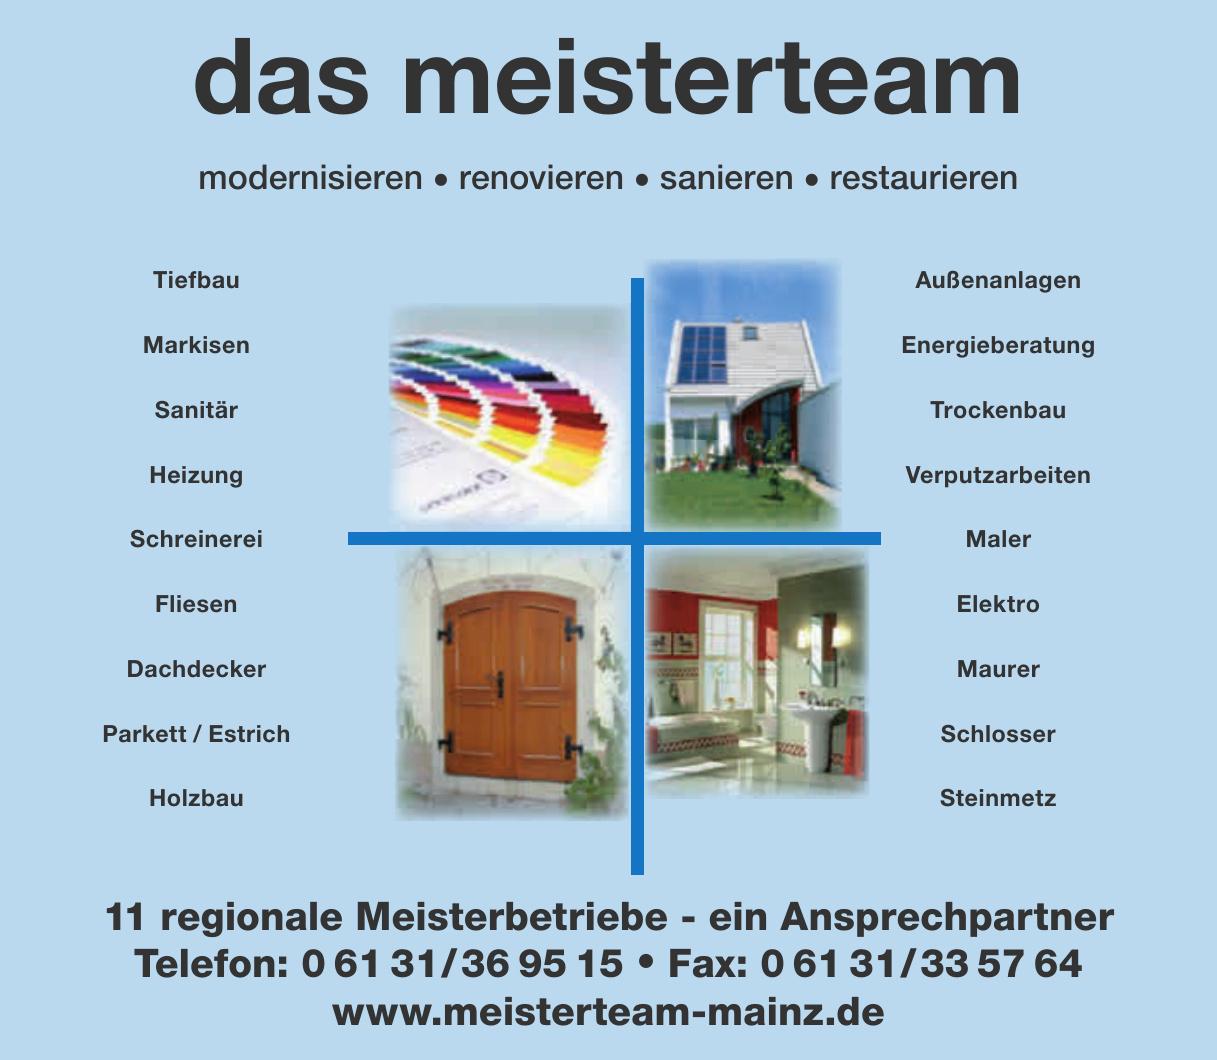 Meisterteam Mainz